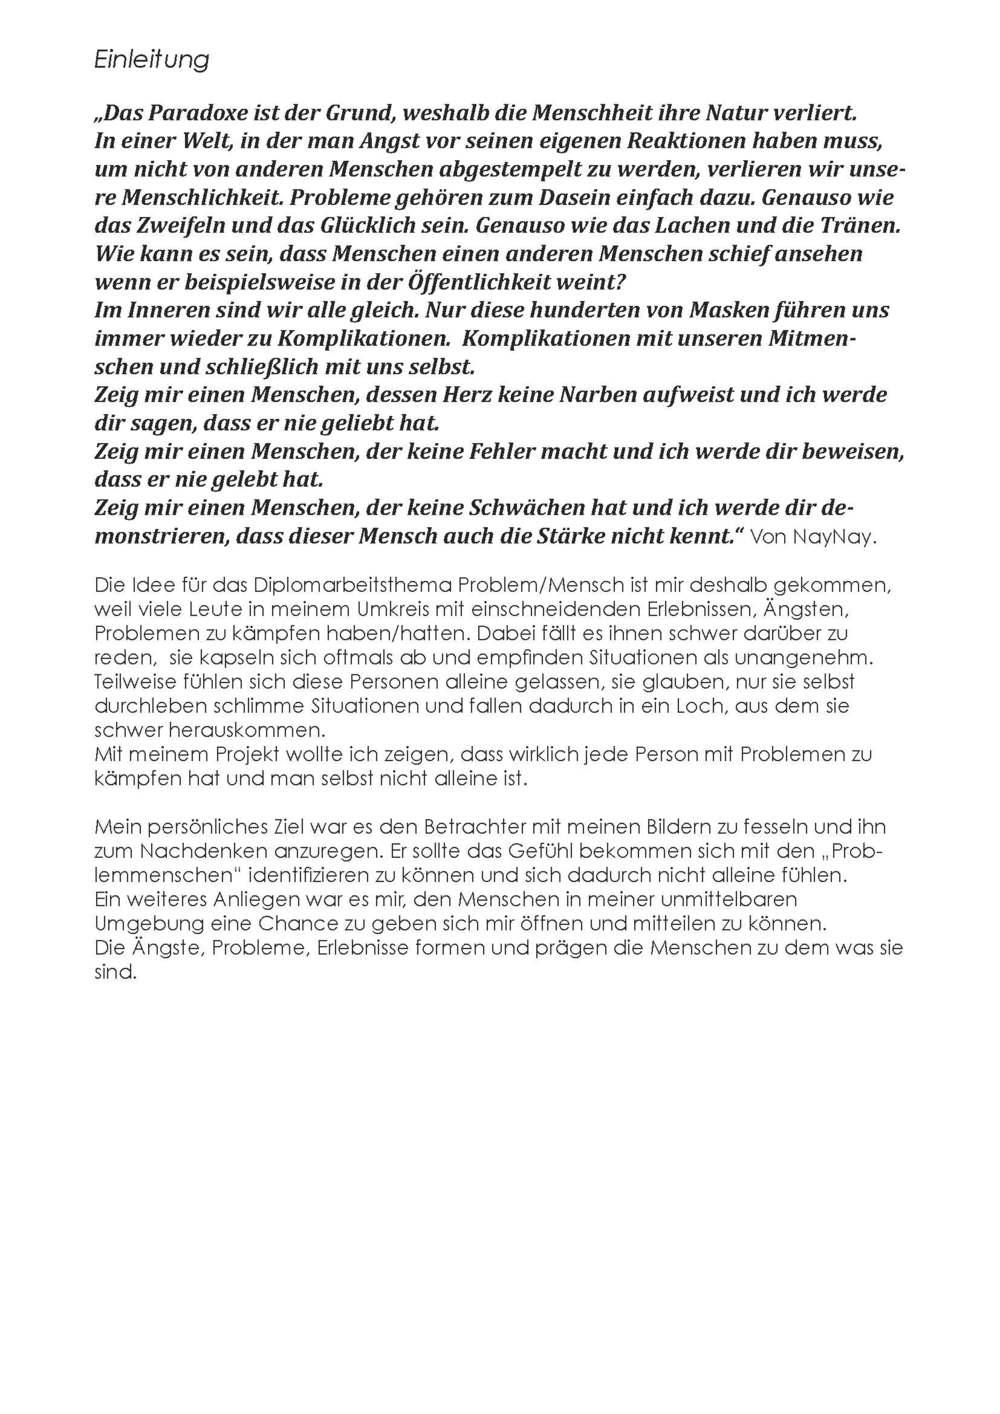 diplomarbeit_KatharinaSandri_web_Seite_06.jpg